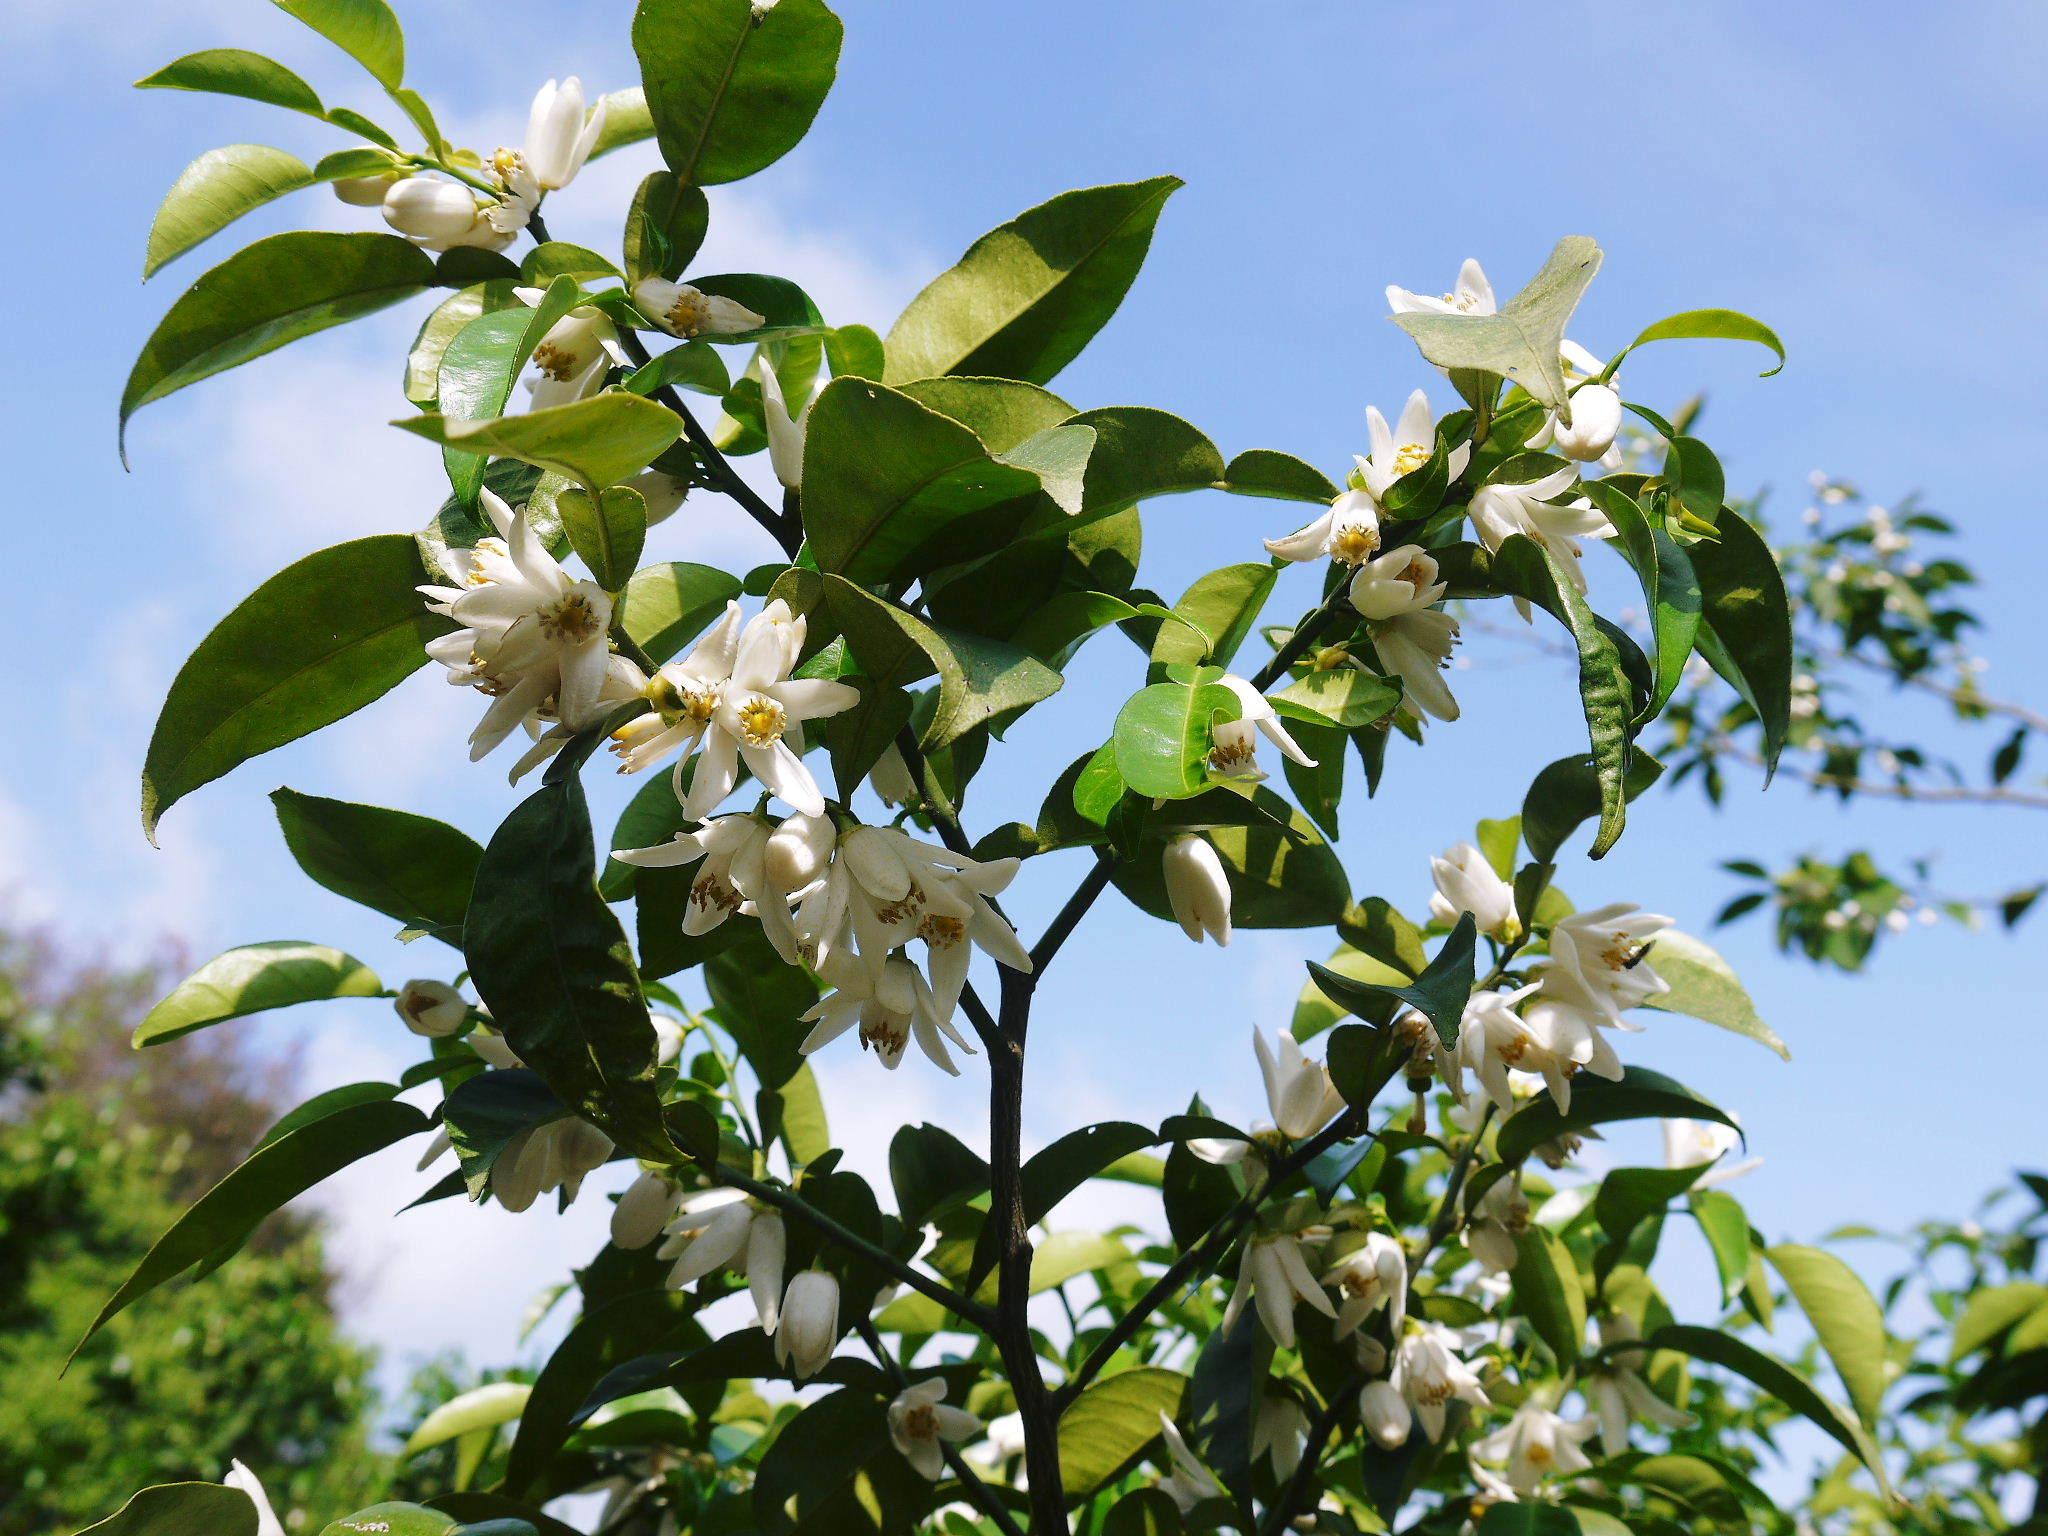 香り高き柚子(ゆず) 今年も元気な花が咲き誇ってます!柚子の花(2020)_a0254656_18553494.jpg